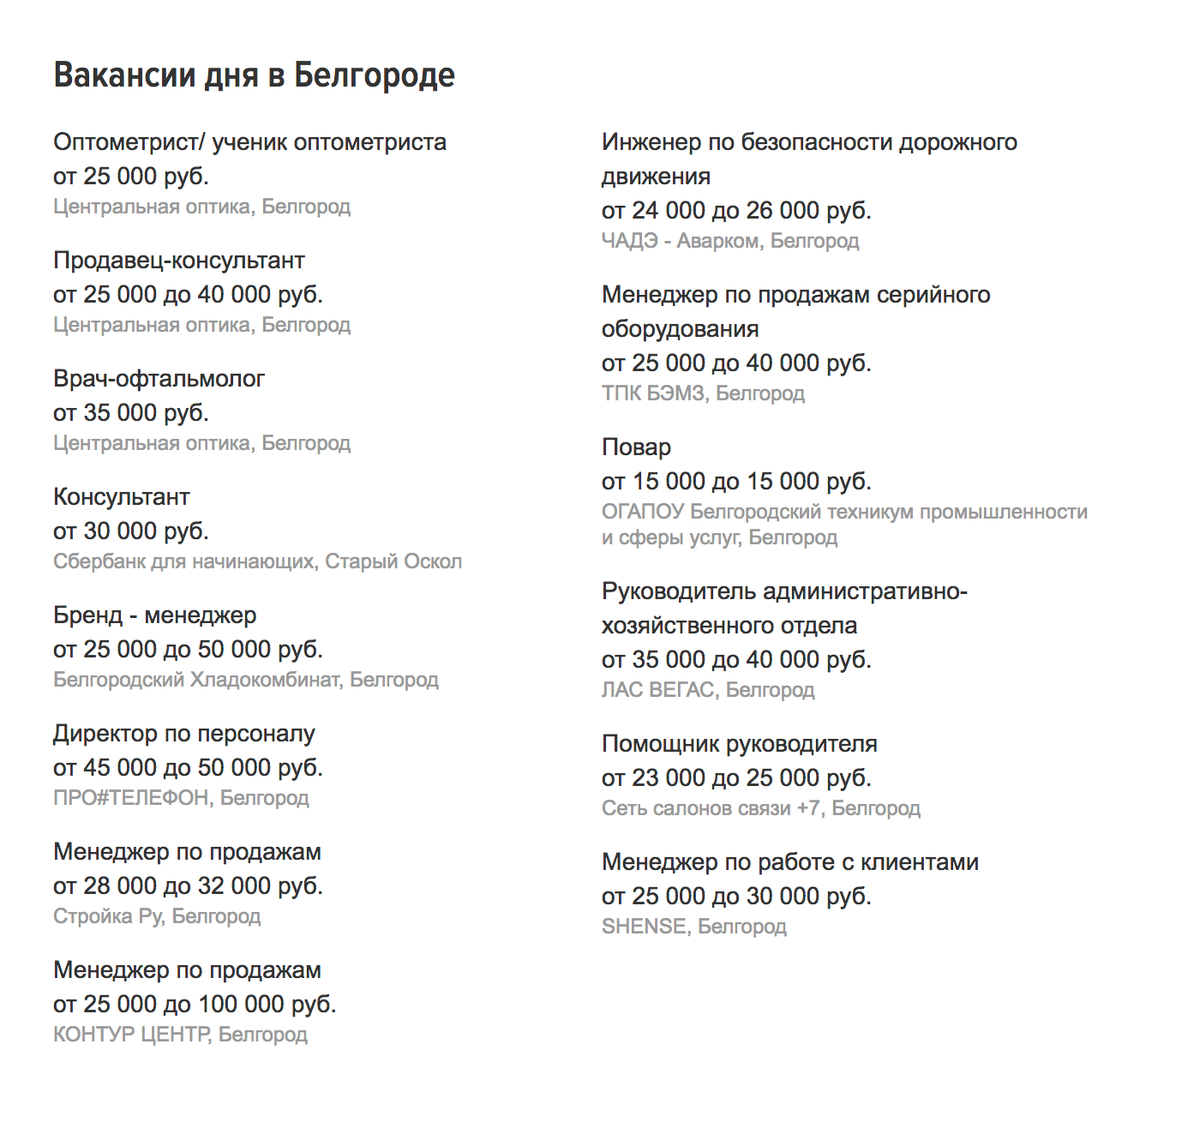 Белгородские зарплаты на «Хедхантере» начинаются от 16 000<span class=ruble>Р</span>